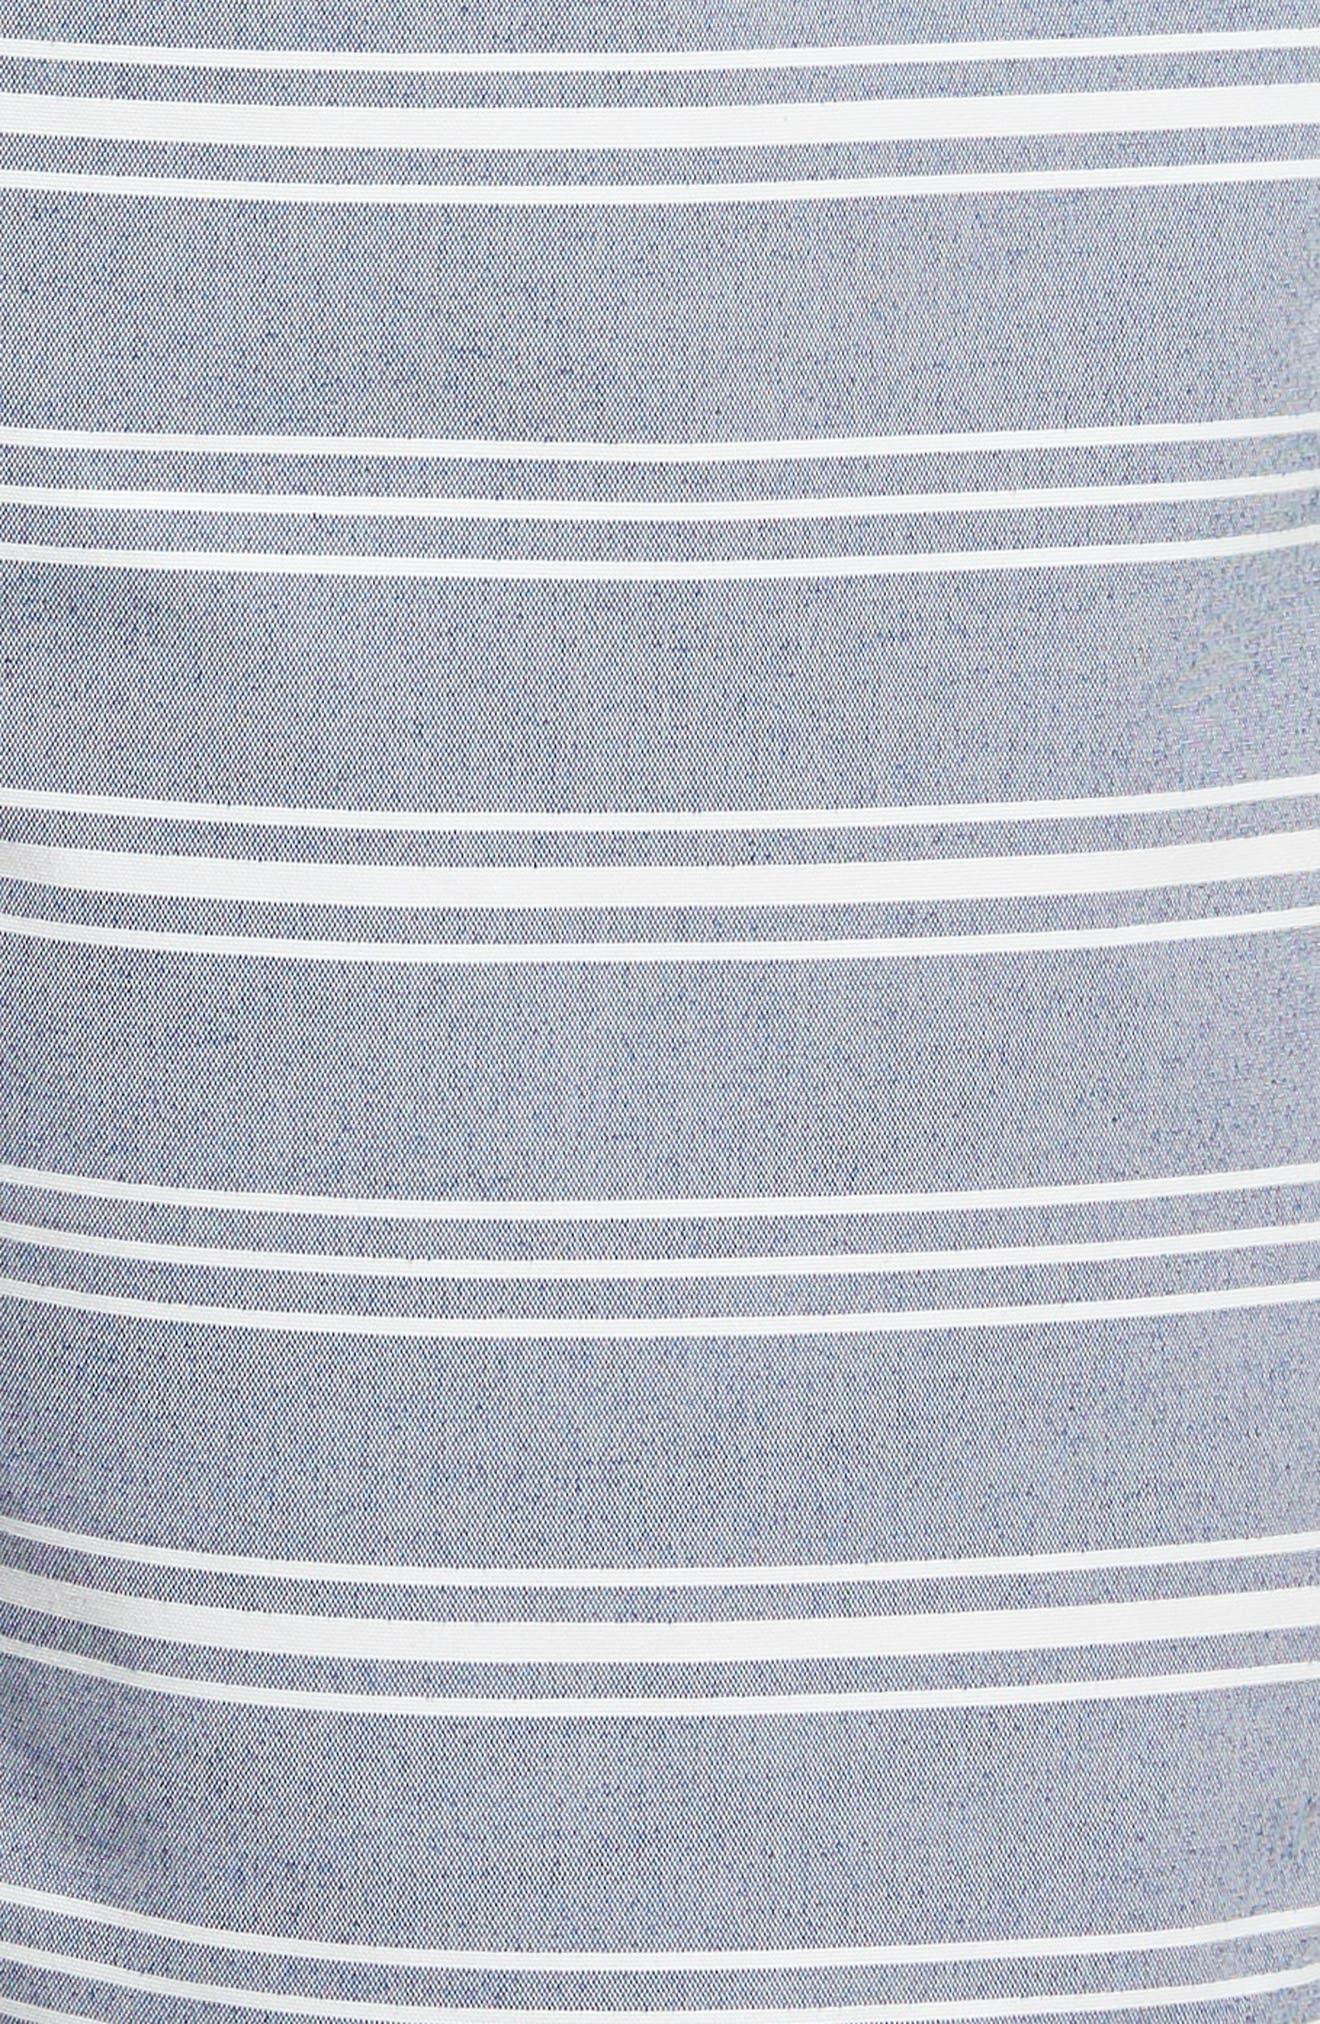 E-Waist 9-Inch Swim Trunks,                             Alternate thumbnail 5, color,                             Swim Stripe Blue/ White